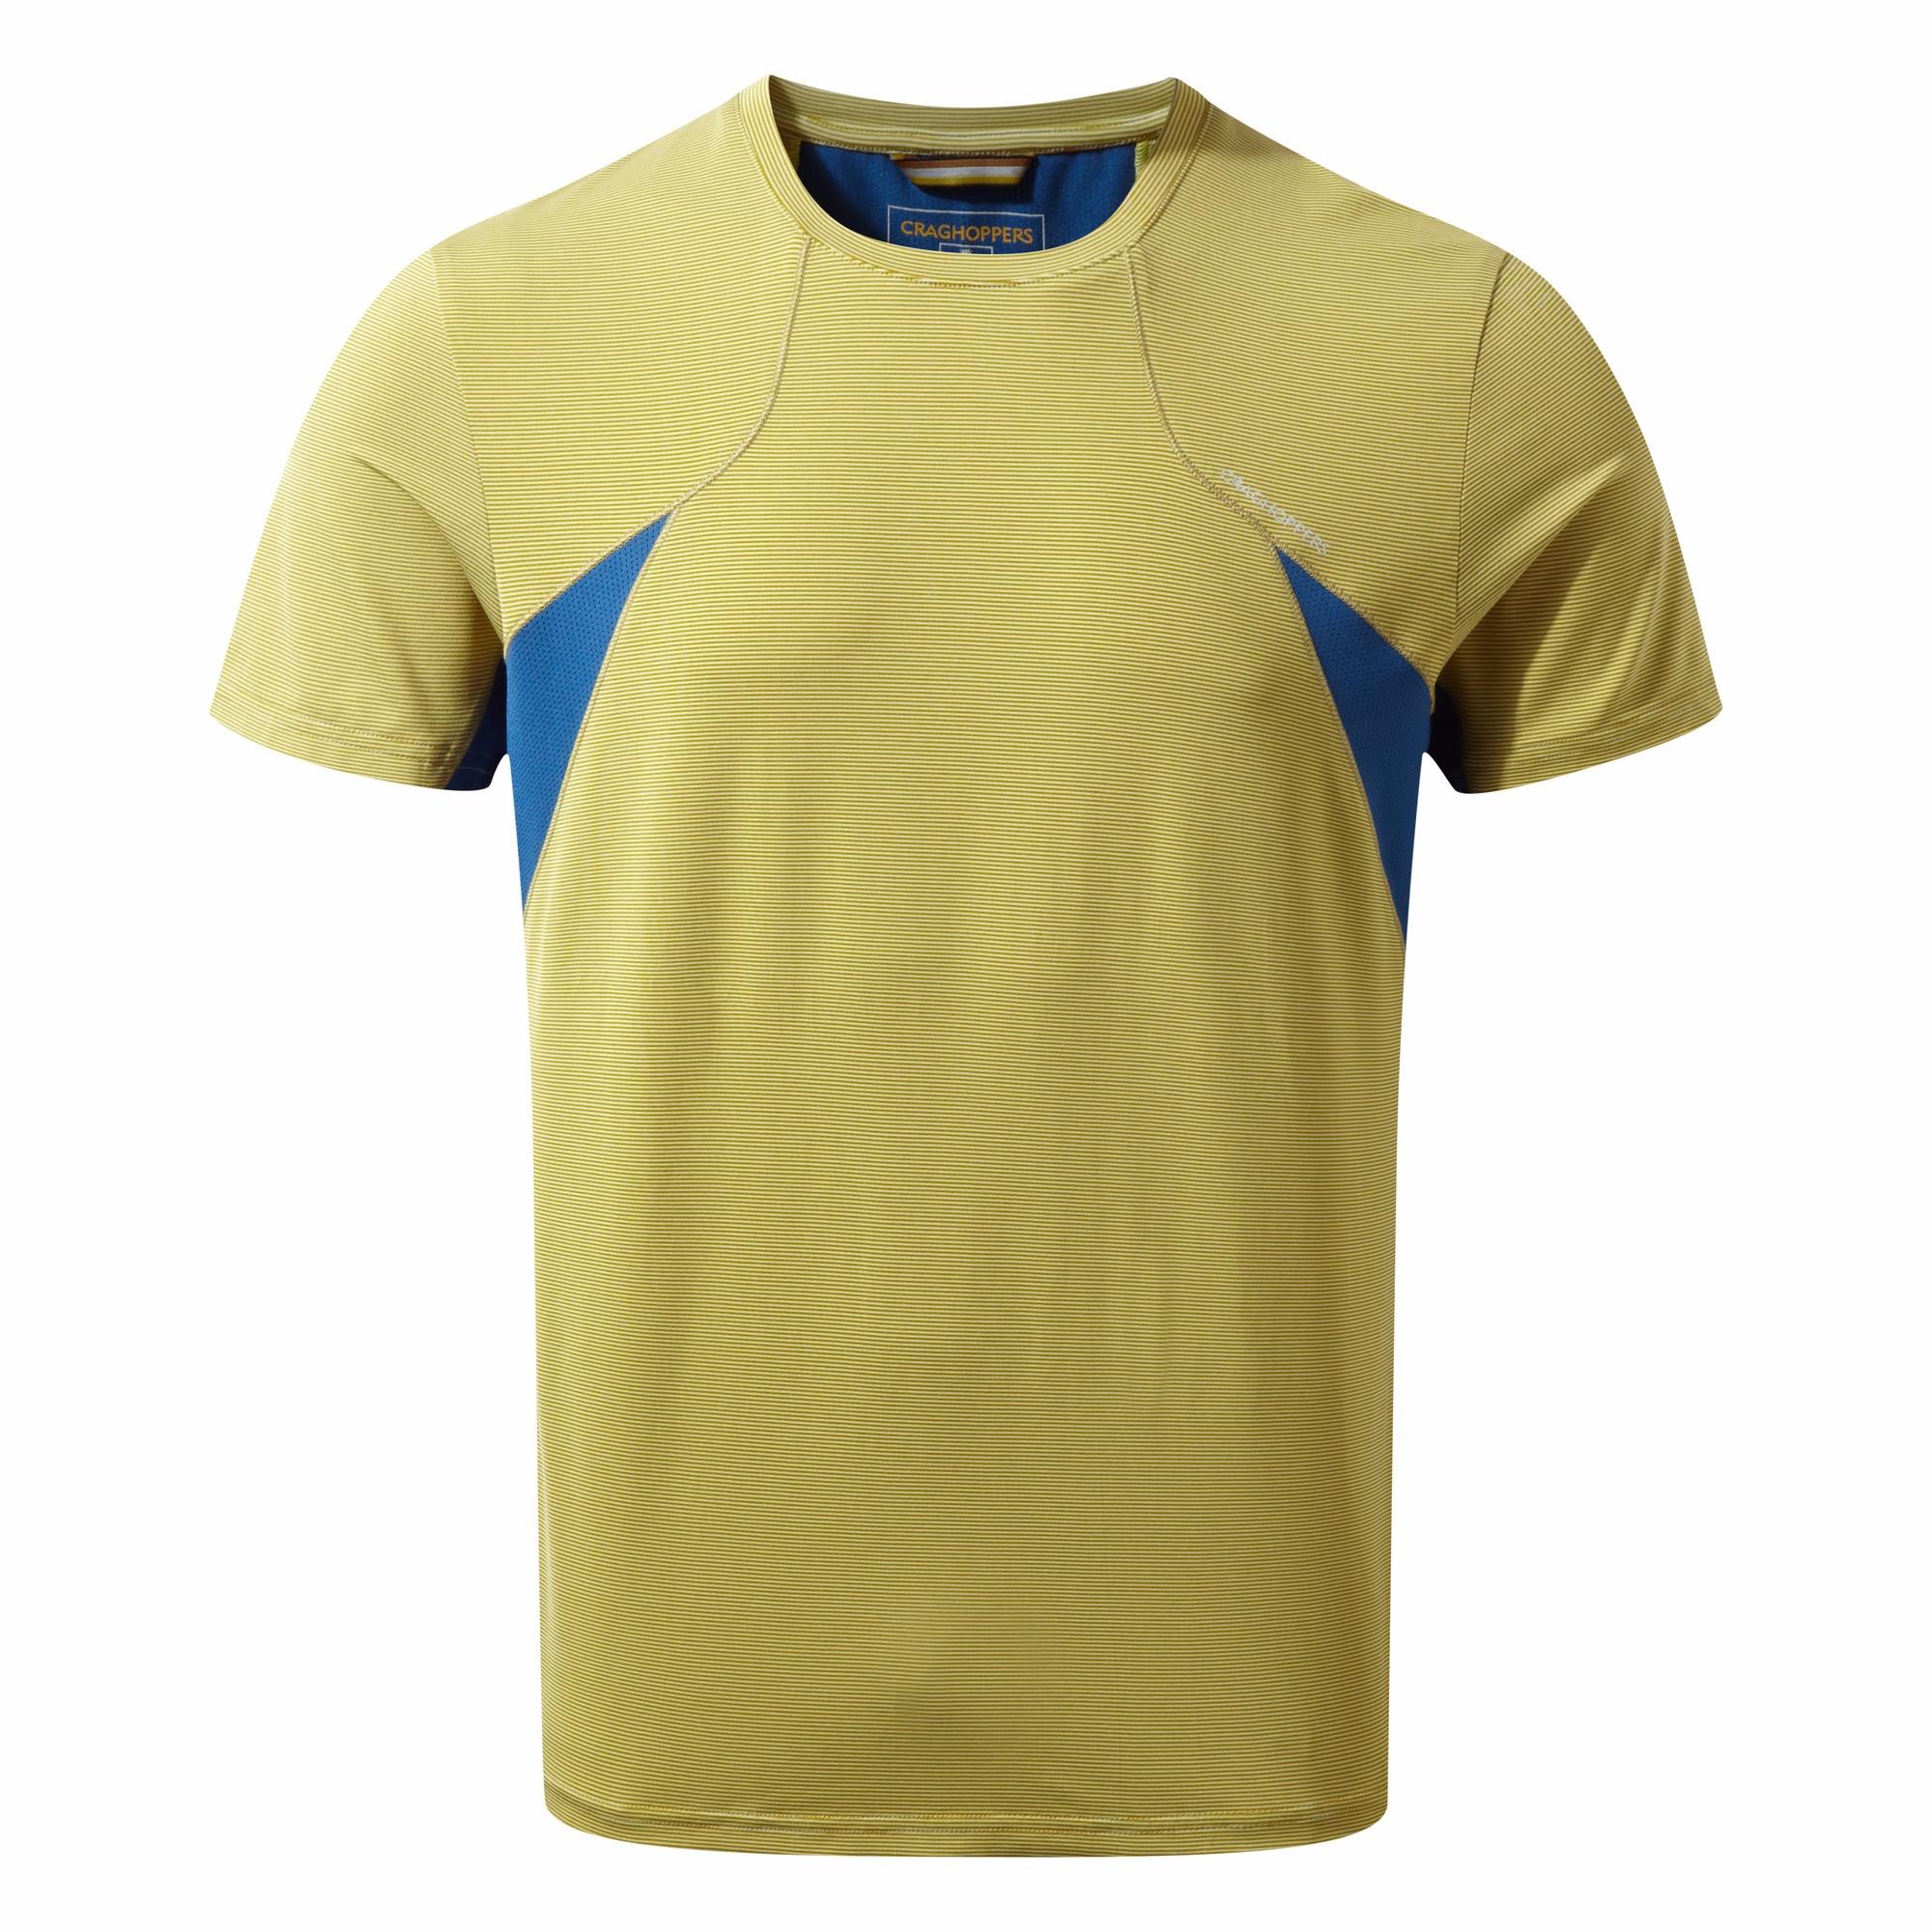 Craghoppers-Camiseta-de-manga-corta-modelo-Fusion-para-hombre-CG610